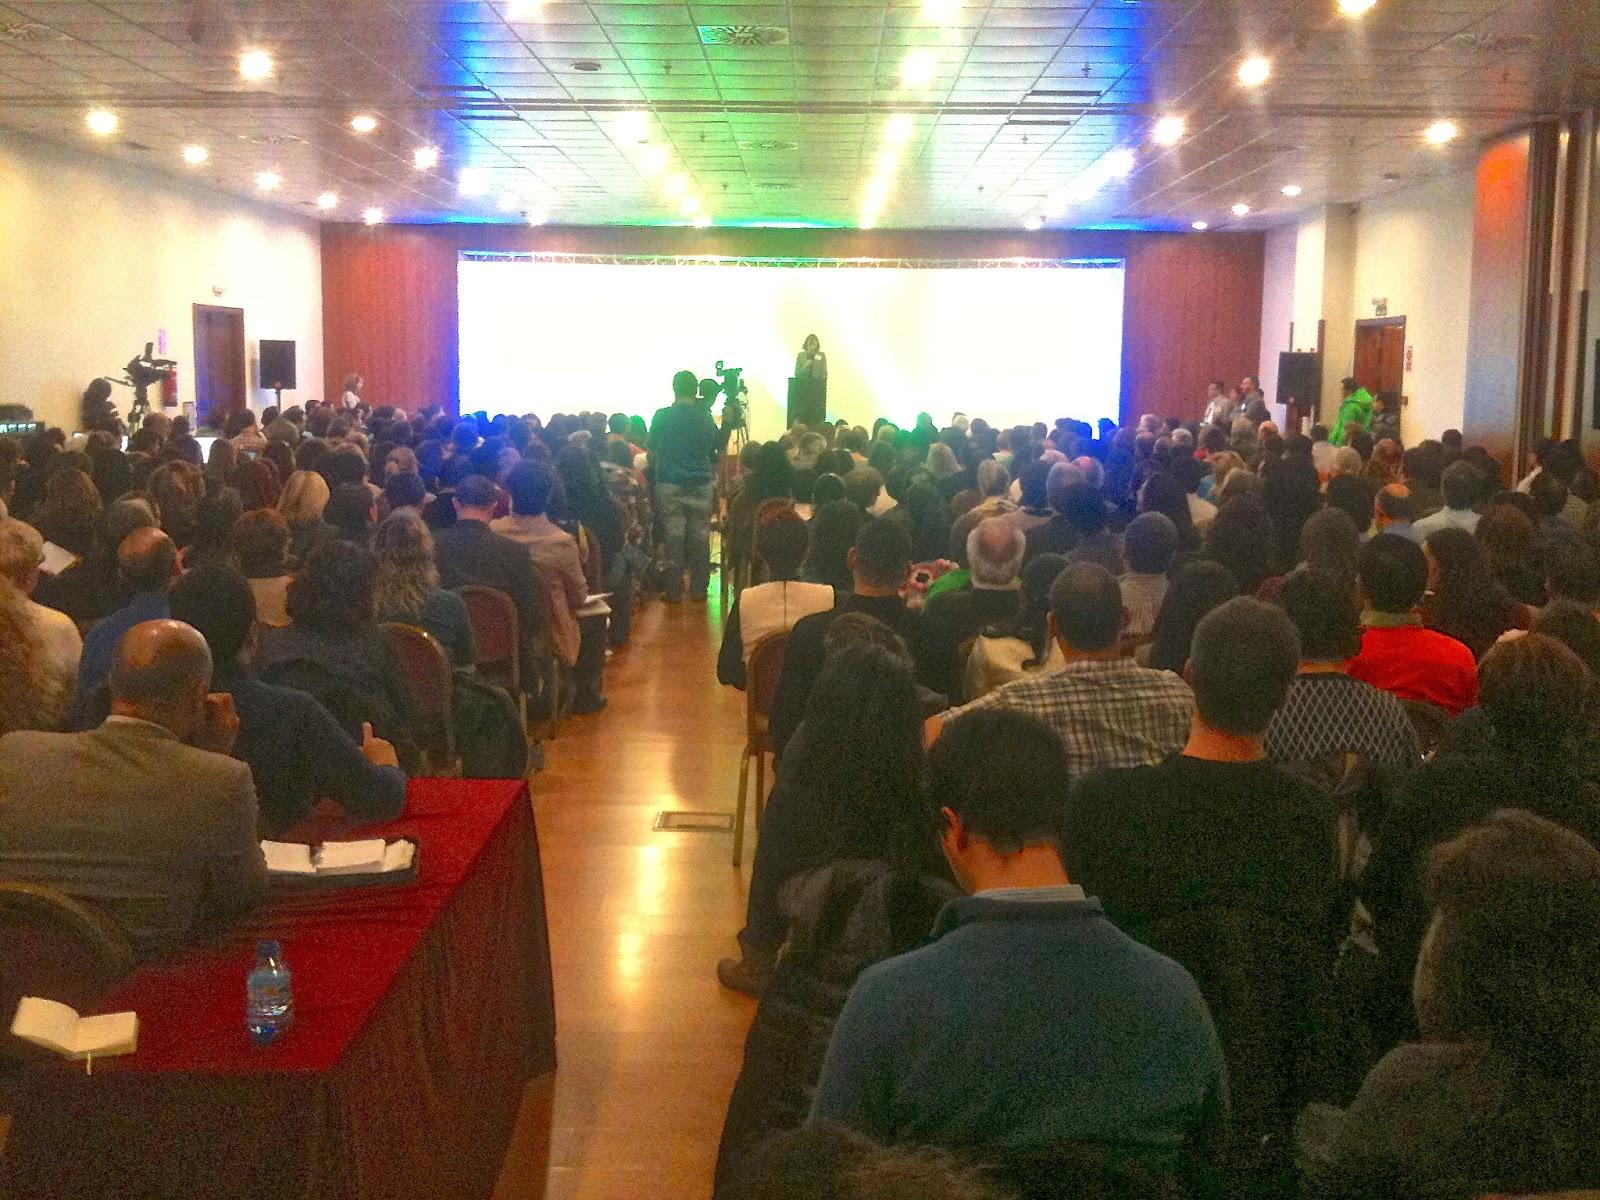 http://trabajarencas.blogspot.com/2014/03/la-presentacion-de-bodykey-el-pasado.html